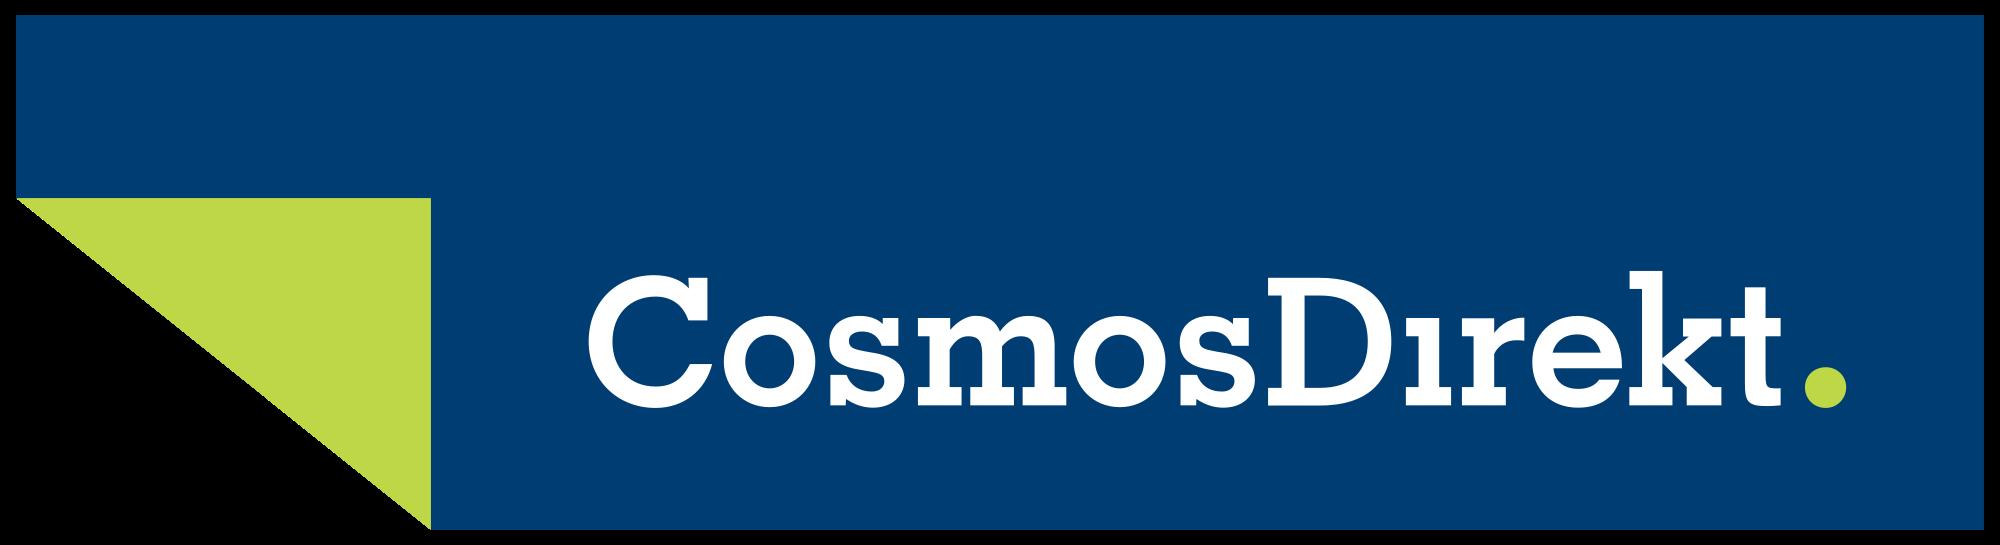 Cosmos Direkt Privathaftpflicht Im Vergleich 08 2019 Kosten